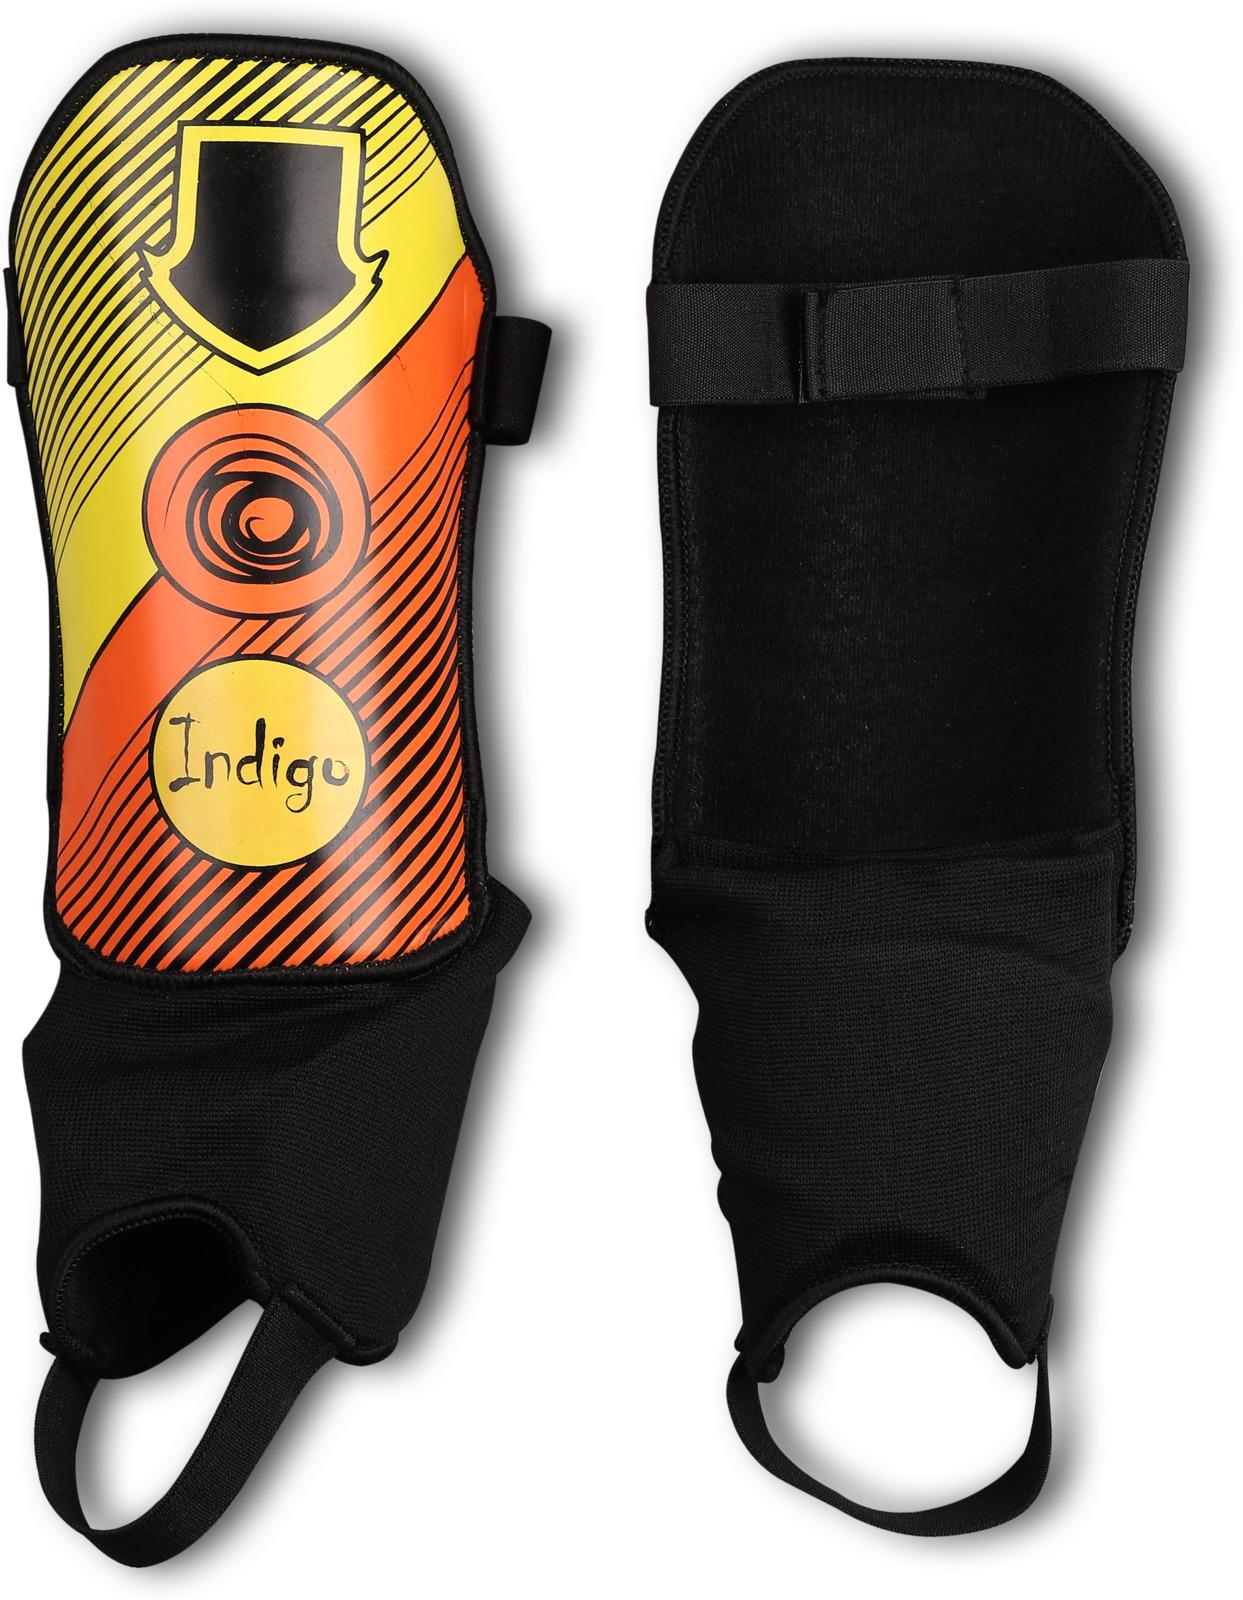 Щитки футбольные Indigo, с защитой щиколотки с дополнительным покрытием, 1250, черный, оранжевый, желтый, размер XS